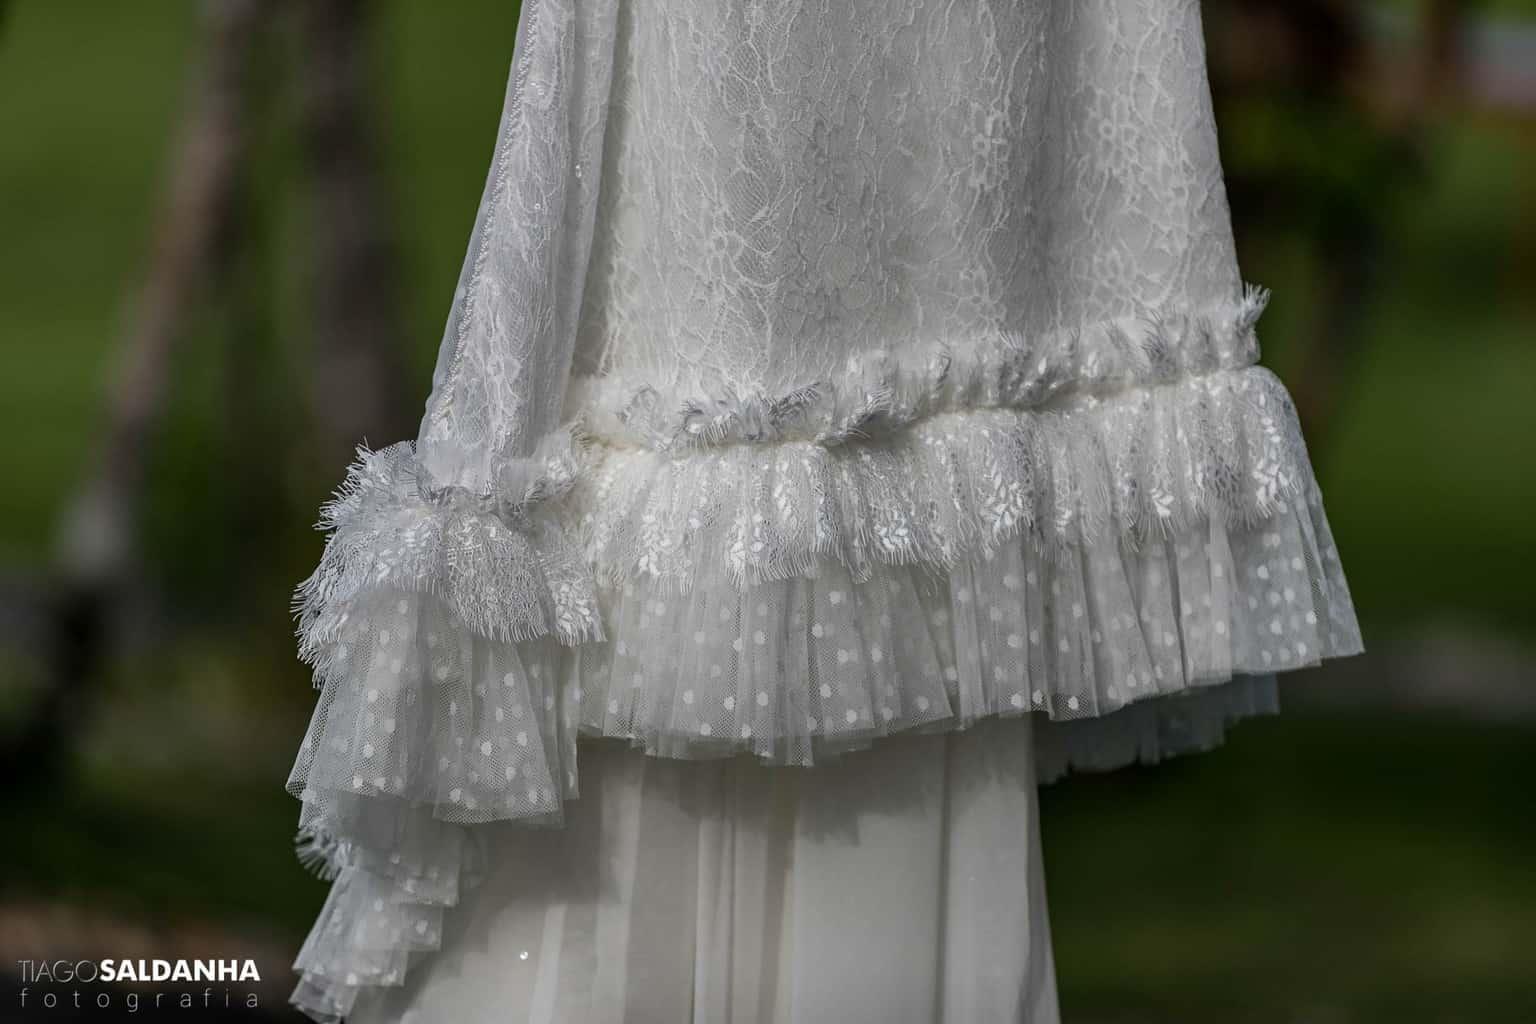 Aliança-no-Espelho-Casamento-Chandrélin-e-Laureano-cerimonia-na-praia-Chan-e-Lau-making-of-Rio-da-Barra-Vanessa-Lucietto-vestido-de-noiva6